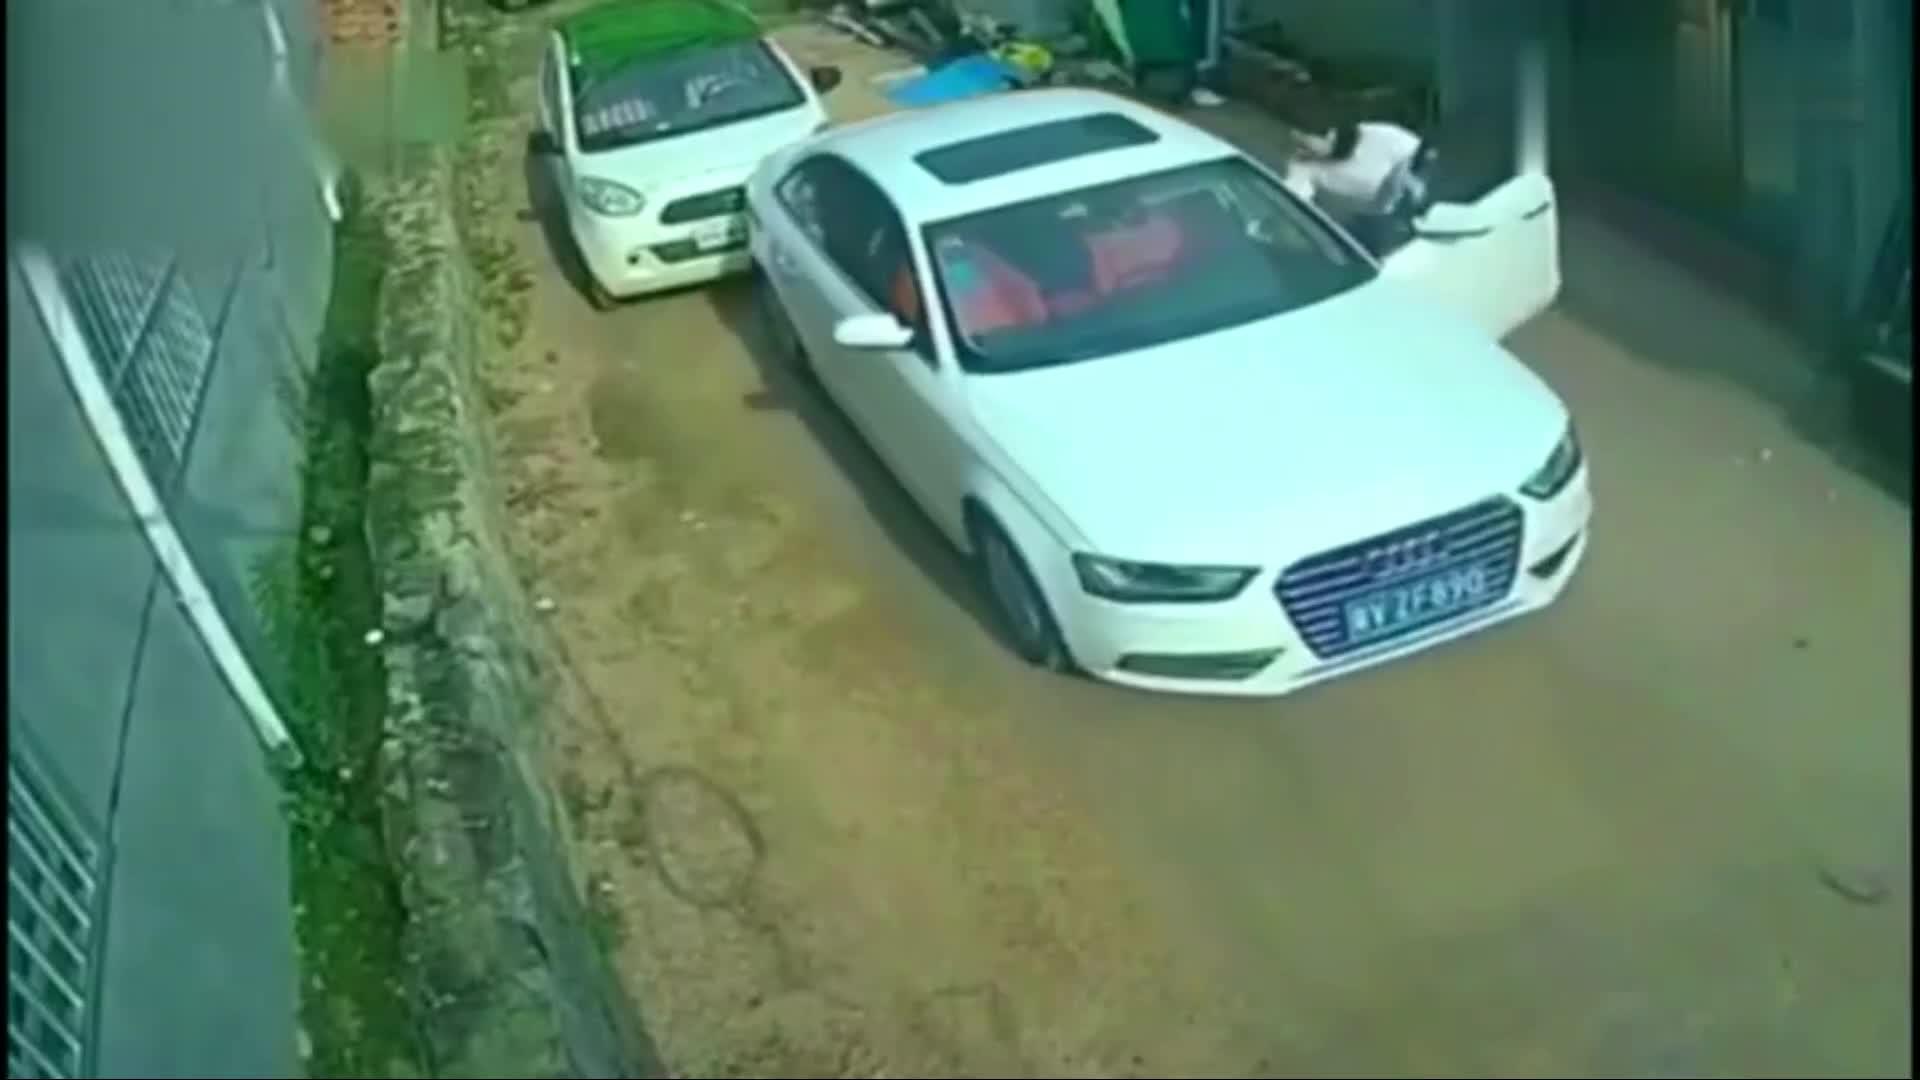 #车祸#监控拍摄:女司机尿急下车就跑,3秒后想上都上不了,后悔不已!